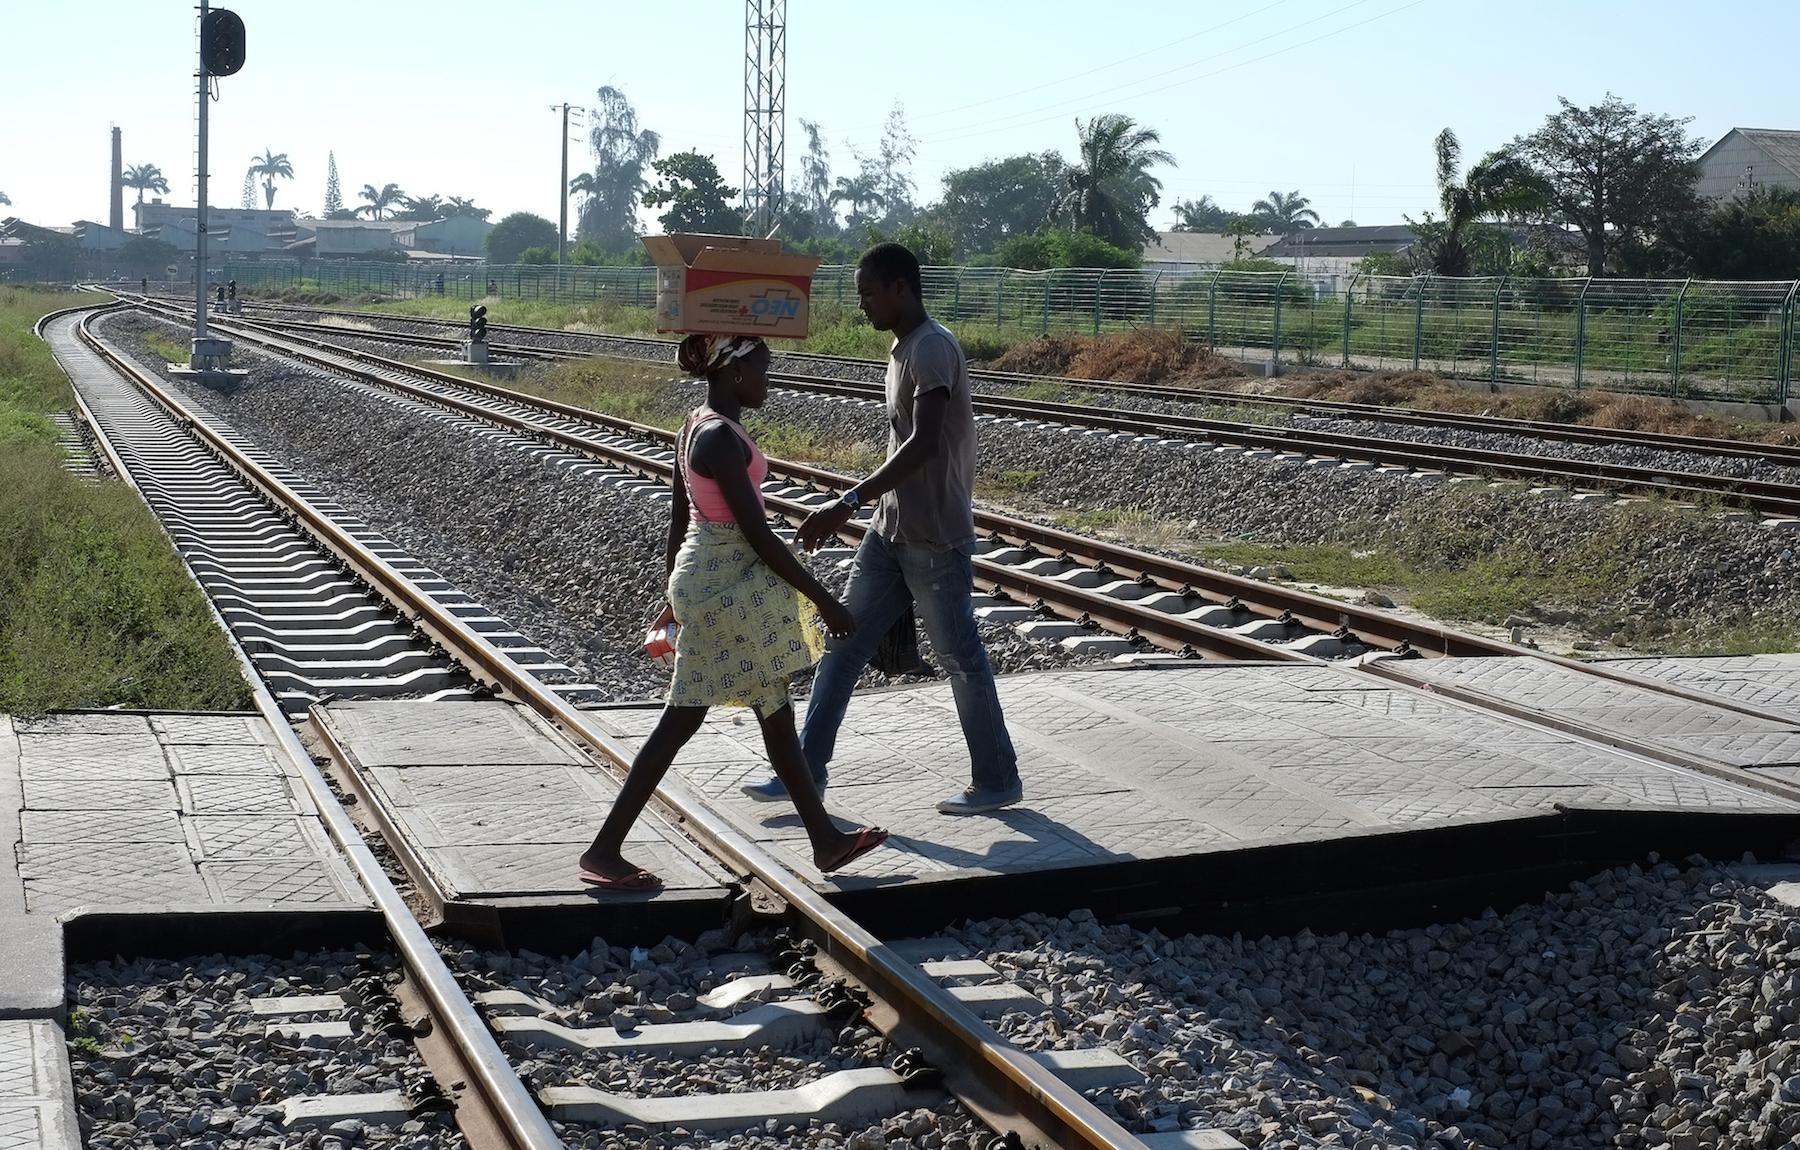 Populares cruzam a linha de caminho de Ferro de Benguela, 11 maio 2015 em Benguela, a cerca de 660 Km a Sul de Luanda, capital de Angola. PAULO CUNHA/LUSA